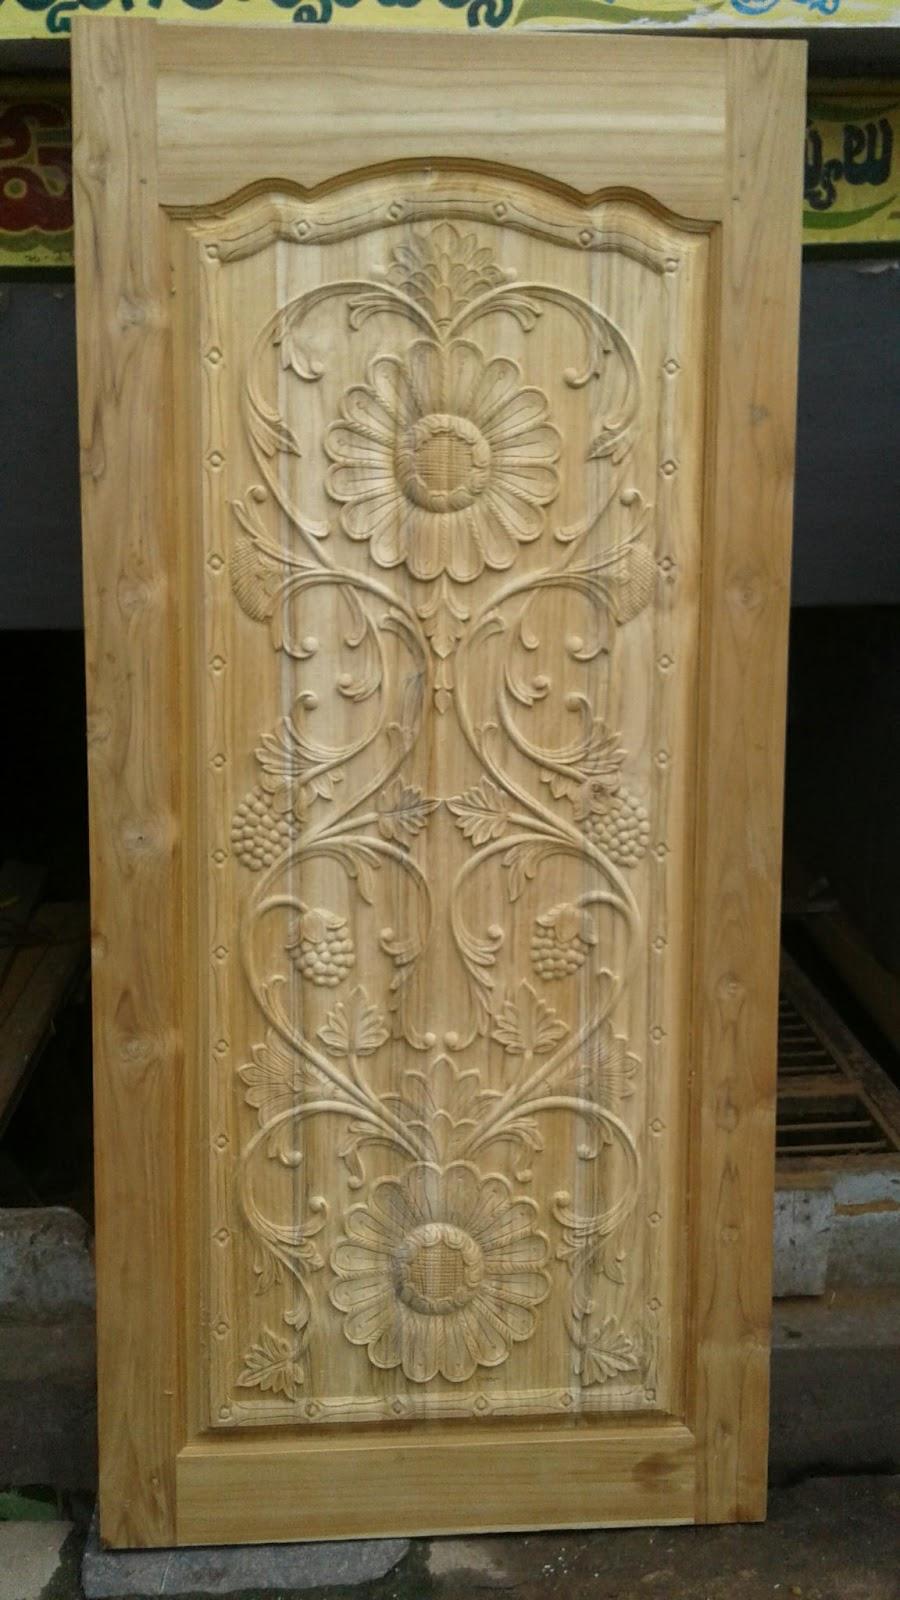 Psr wood carving : psr woodcarving